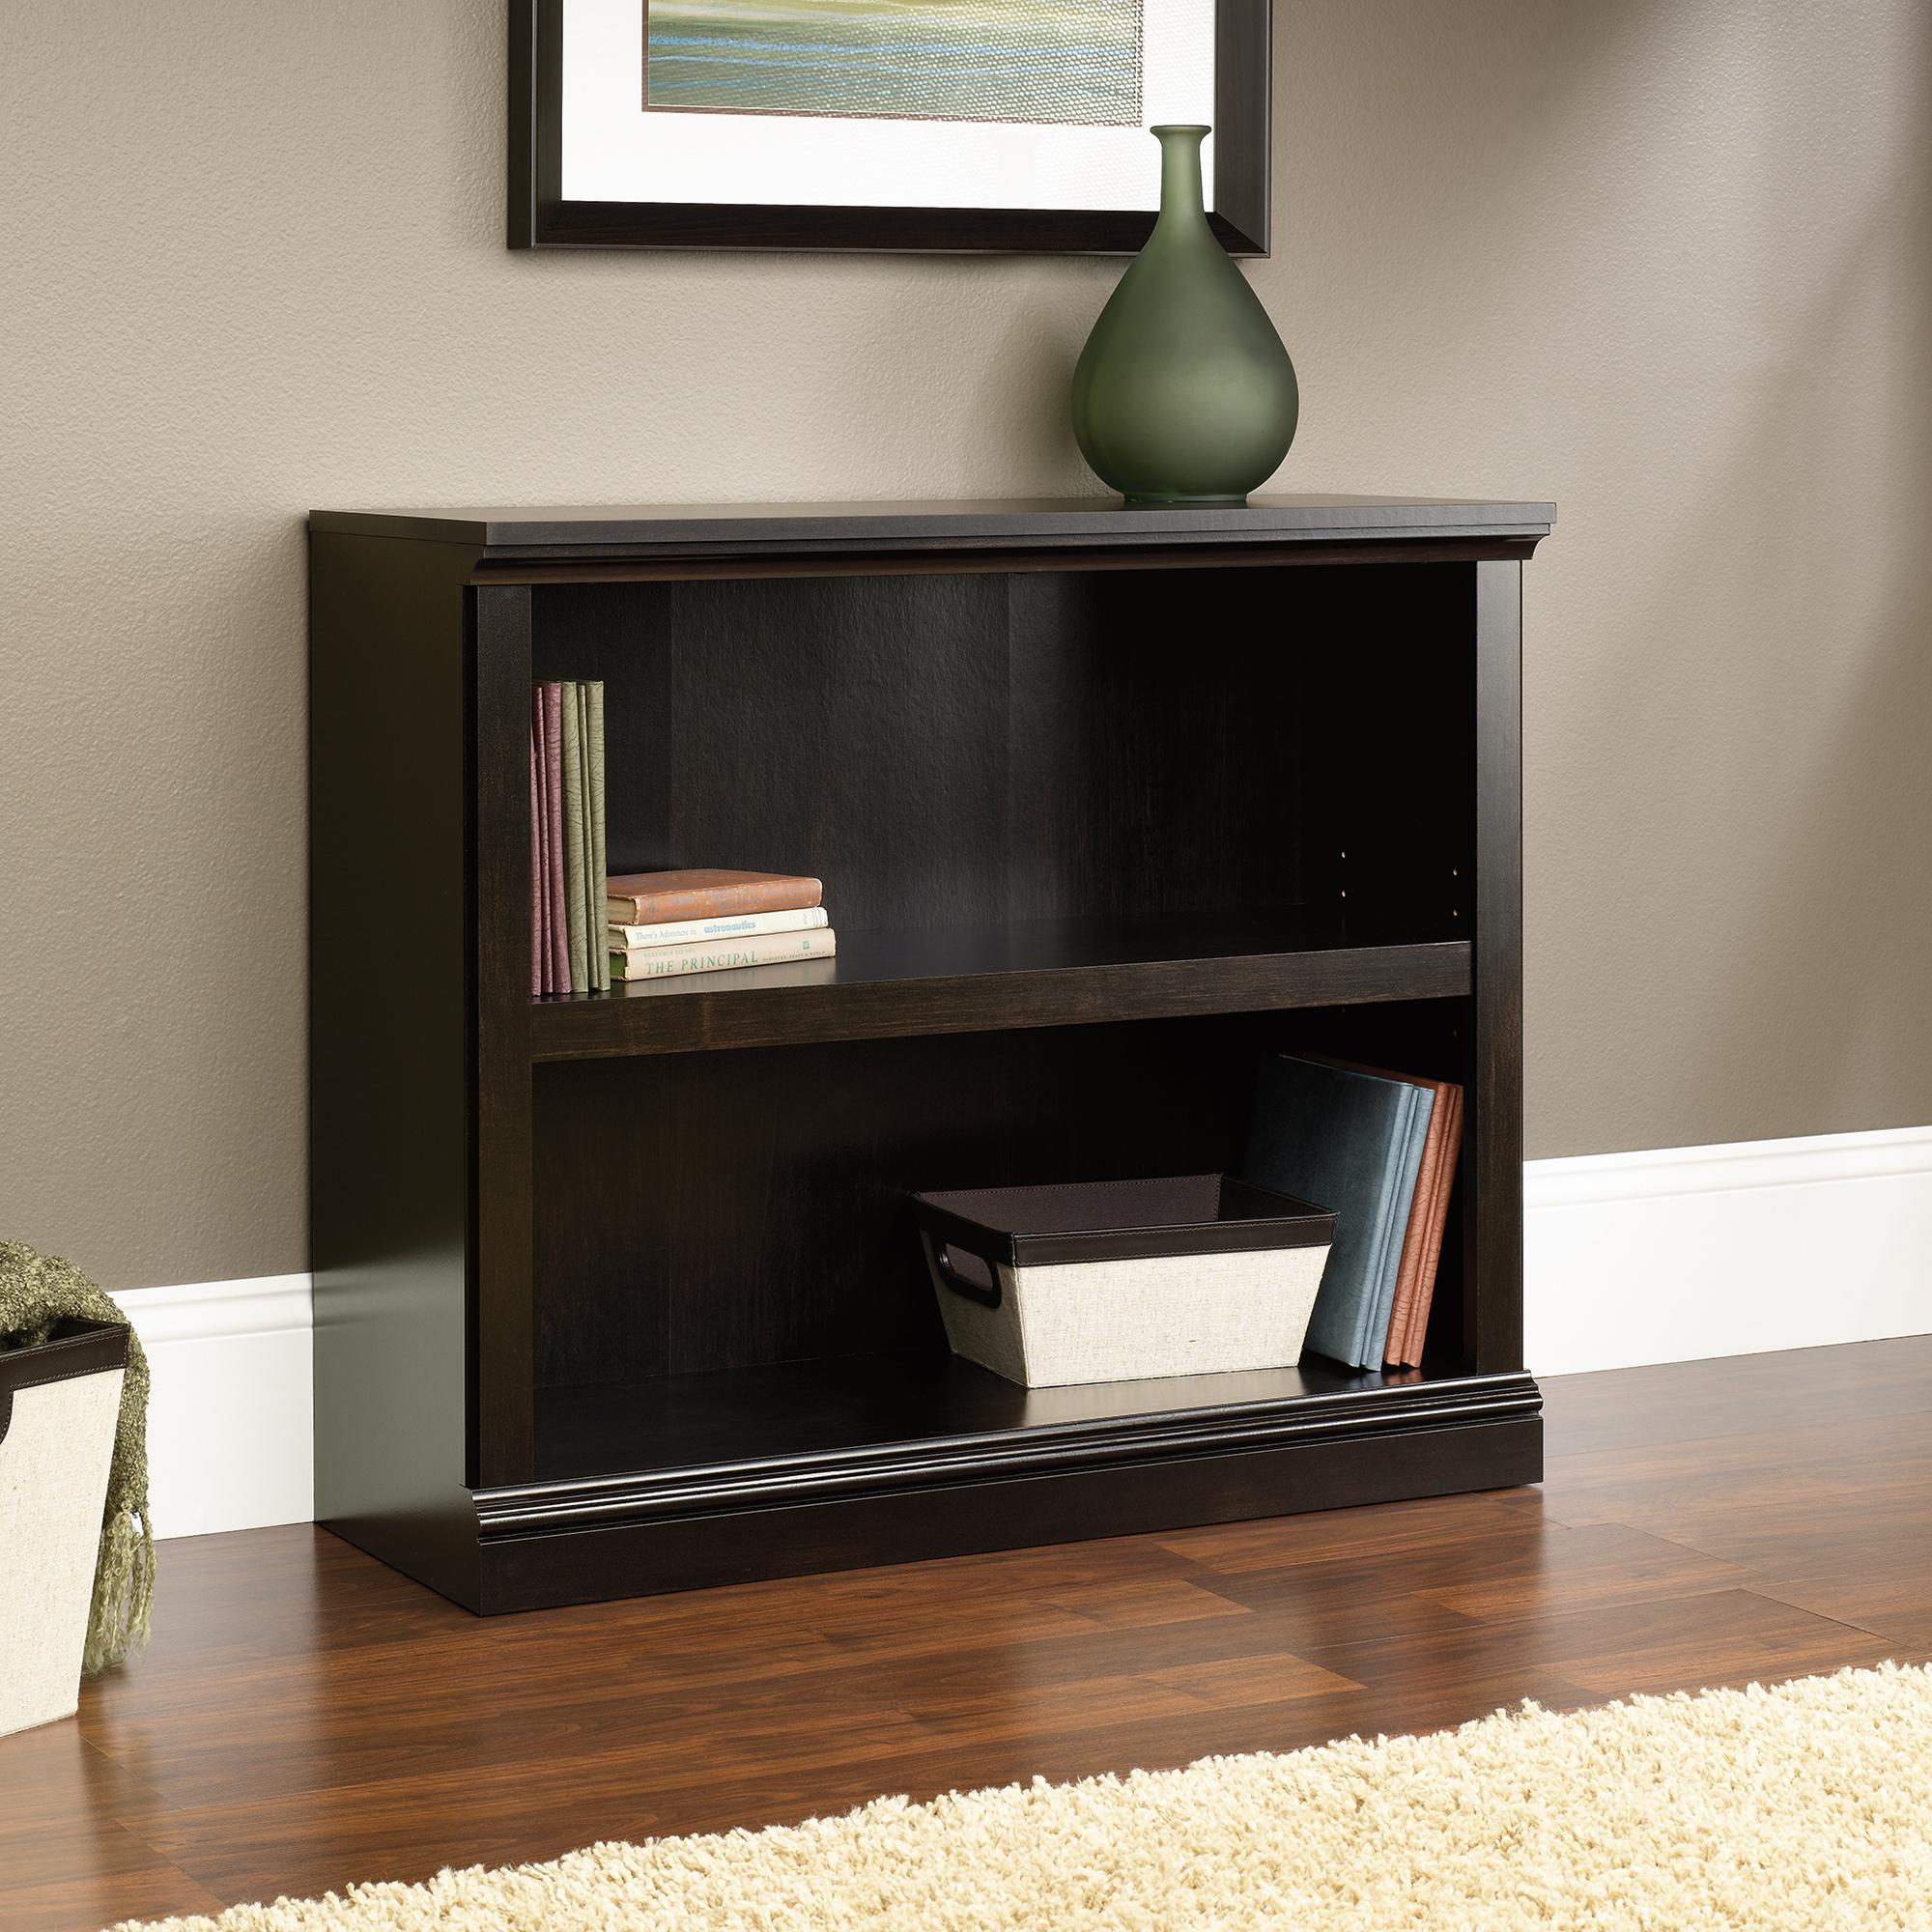 Amazing 2-Shelf Bookcase ... sauder 2 shelf bookcase